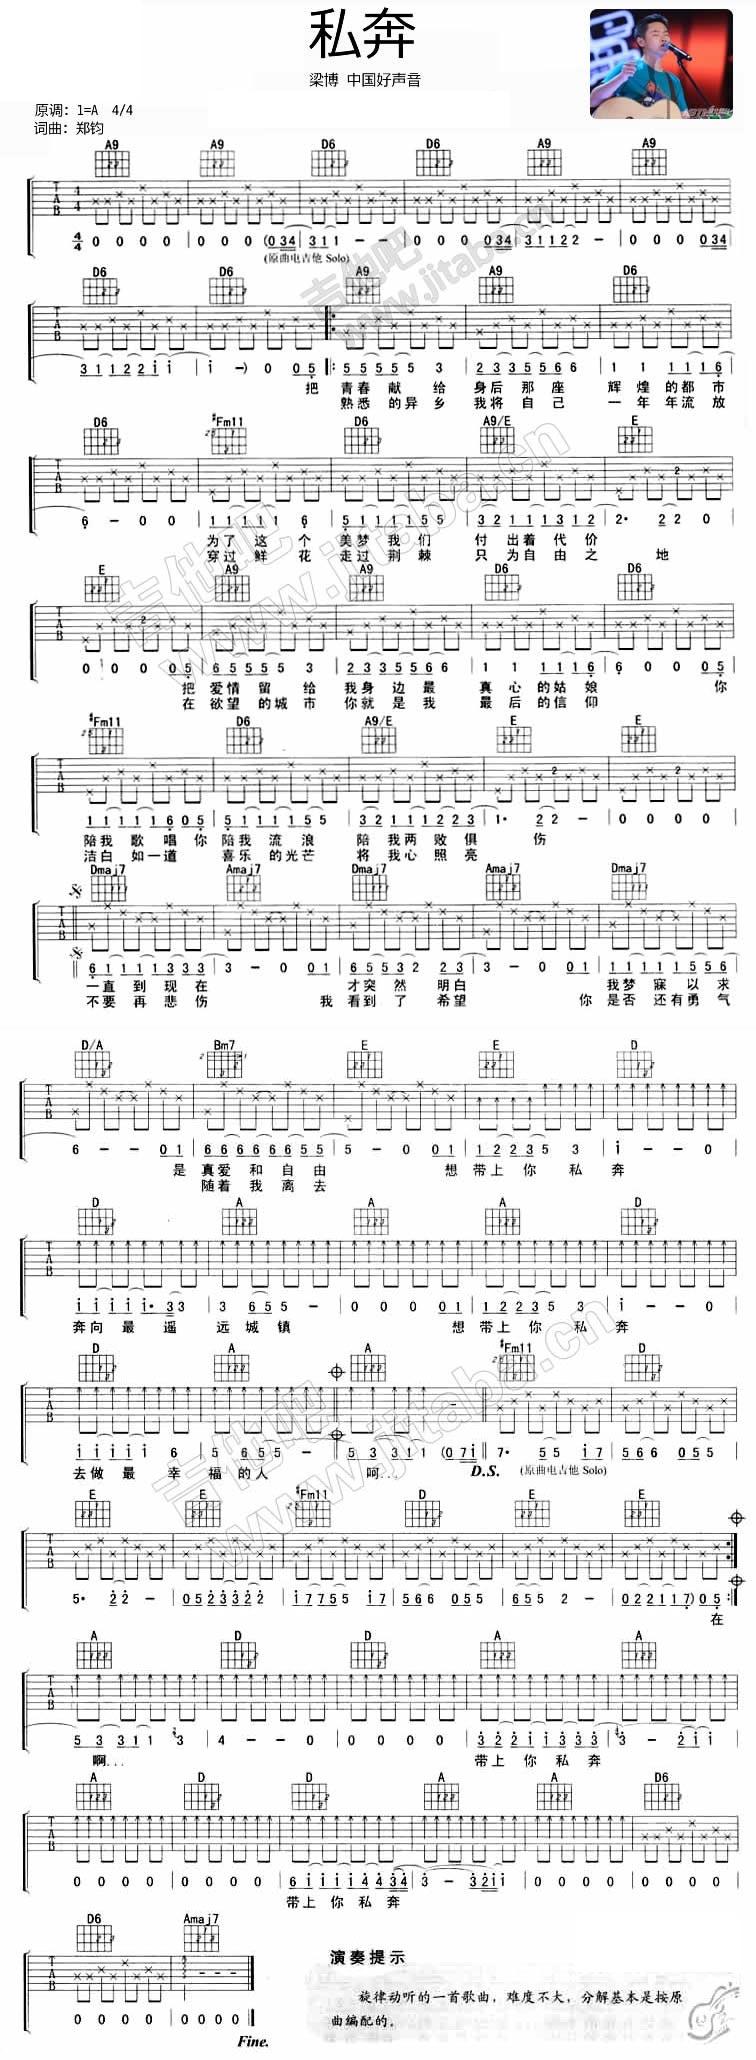 私奔 梁博_私奔 中国好声音梁博 吉他谱-虫虫吉他谱免费下载